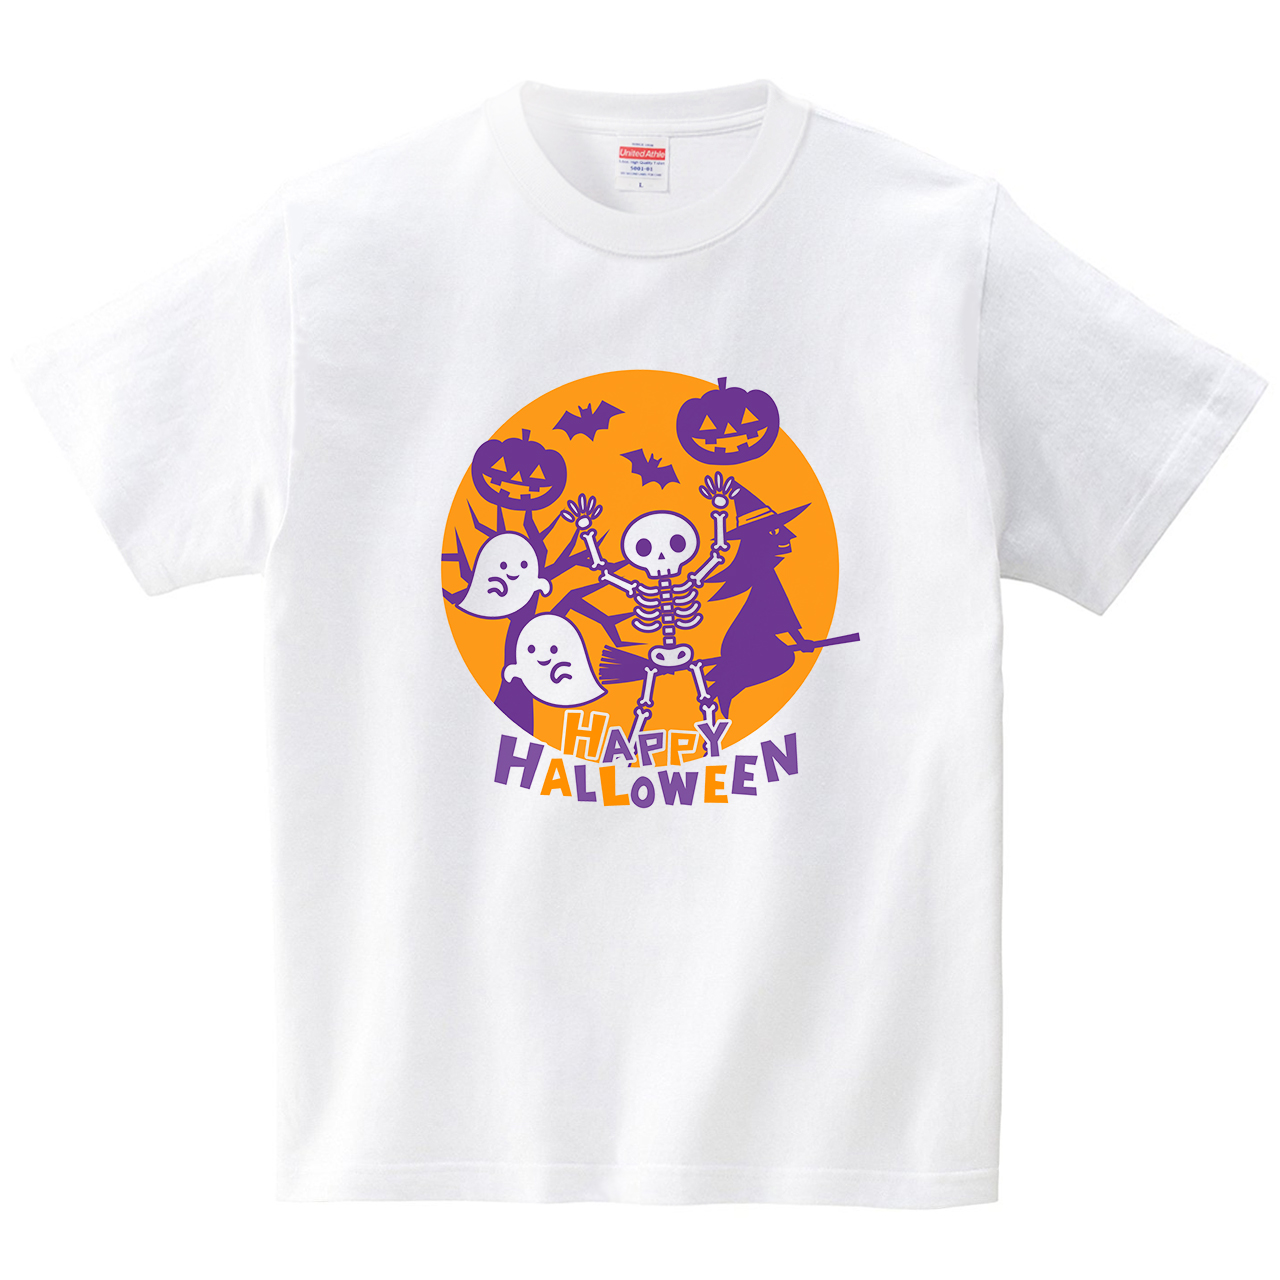 ハロウィンモンスター(Tシャツ・ホワイト)(あずき*)